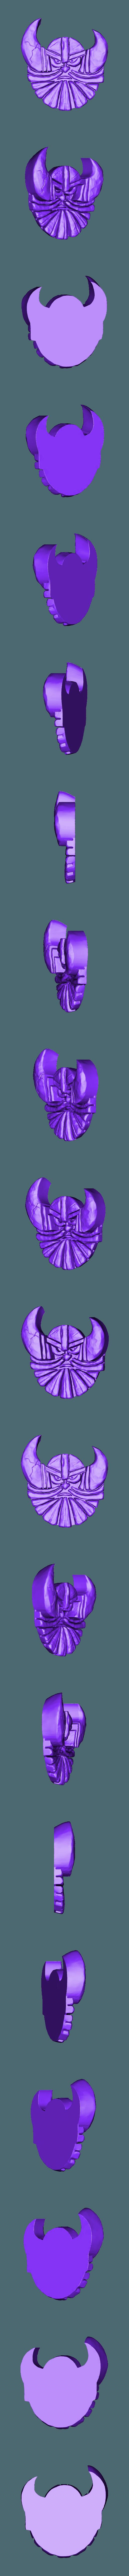 dwarf_emblem84mm.stl Télécharger fichier STL gratuit emblème nain • Modèle à imprimer en 3D, Haridon